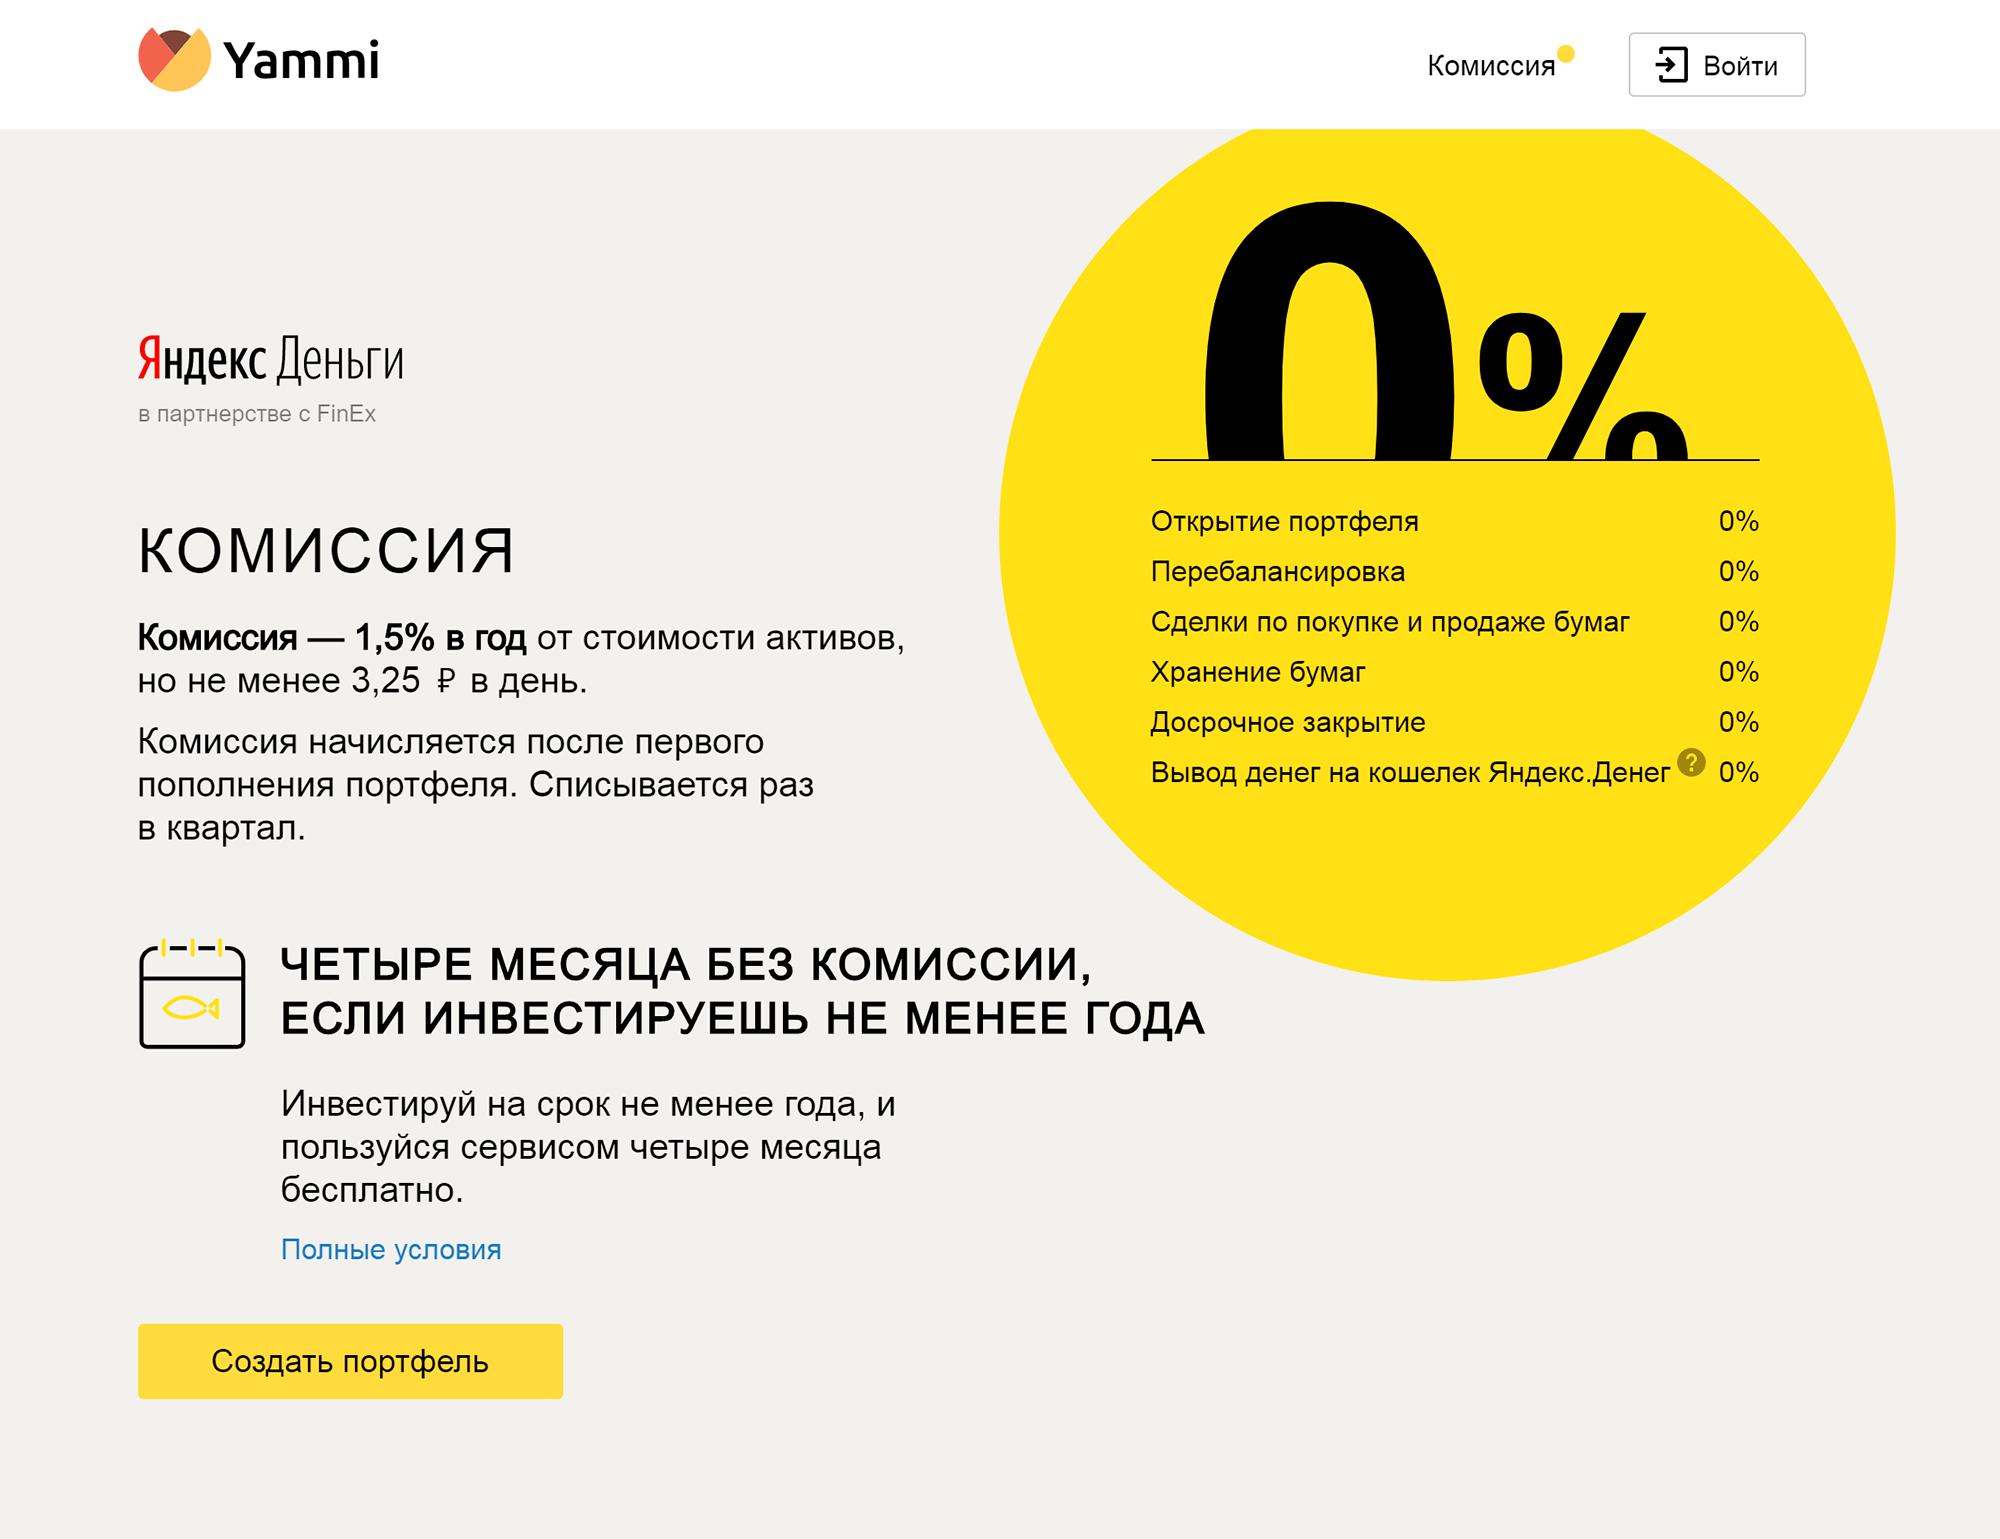 Комиссии на сайте «Ямми» выглядят странно. Сервис крупно пишет про 0%, и это создает впечатление, что он ничего не берет за свою работу. И тут же рядом — комиссия 1,5% в год за управление счетом. А чтобы вывести деньги с кошелька «Яндекс-денег», придется заплатить еще 3,5% от суммы